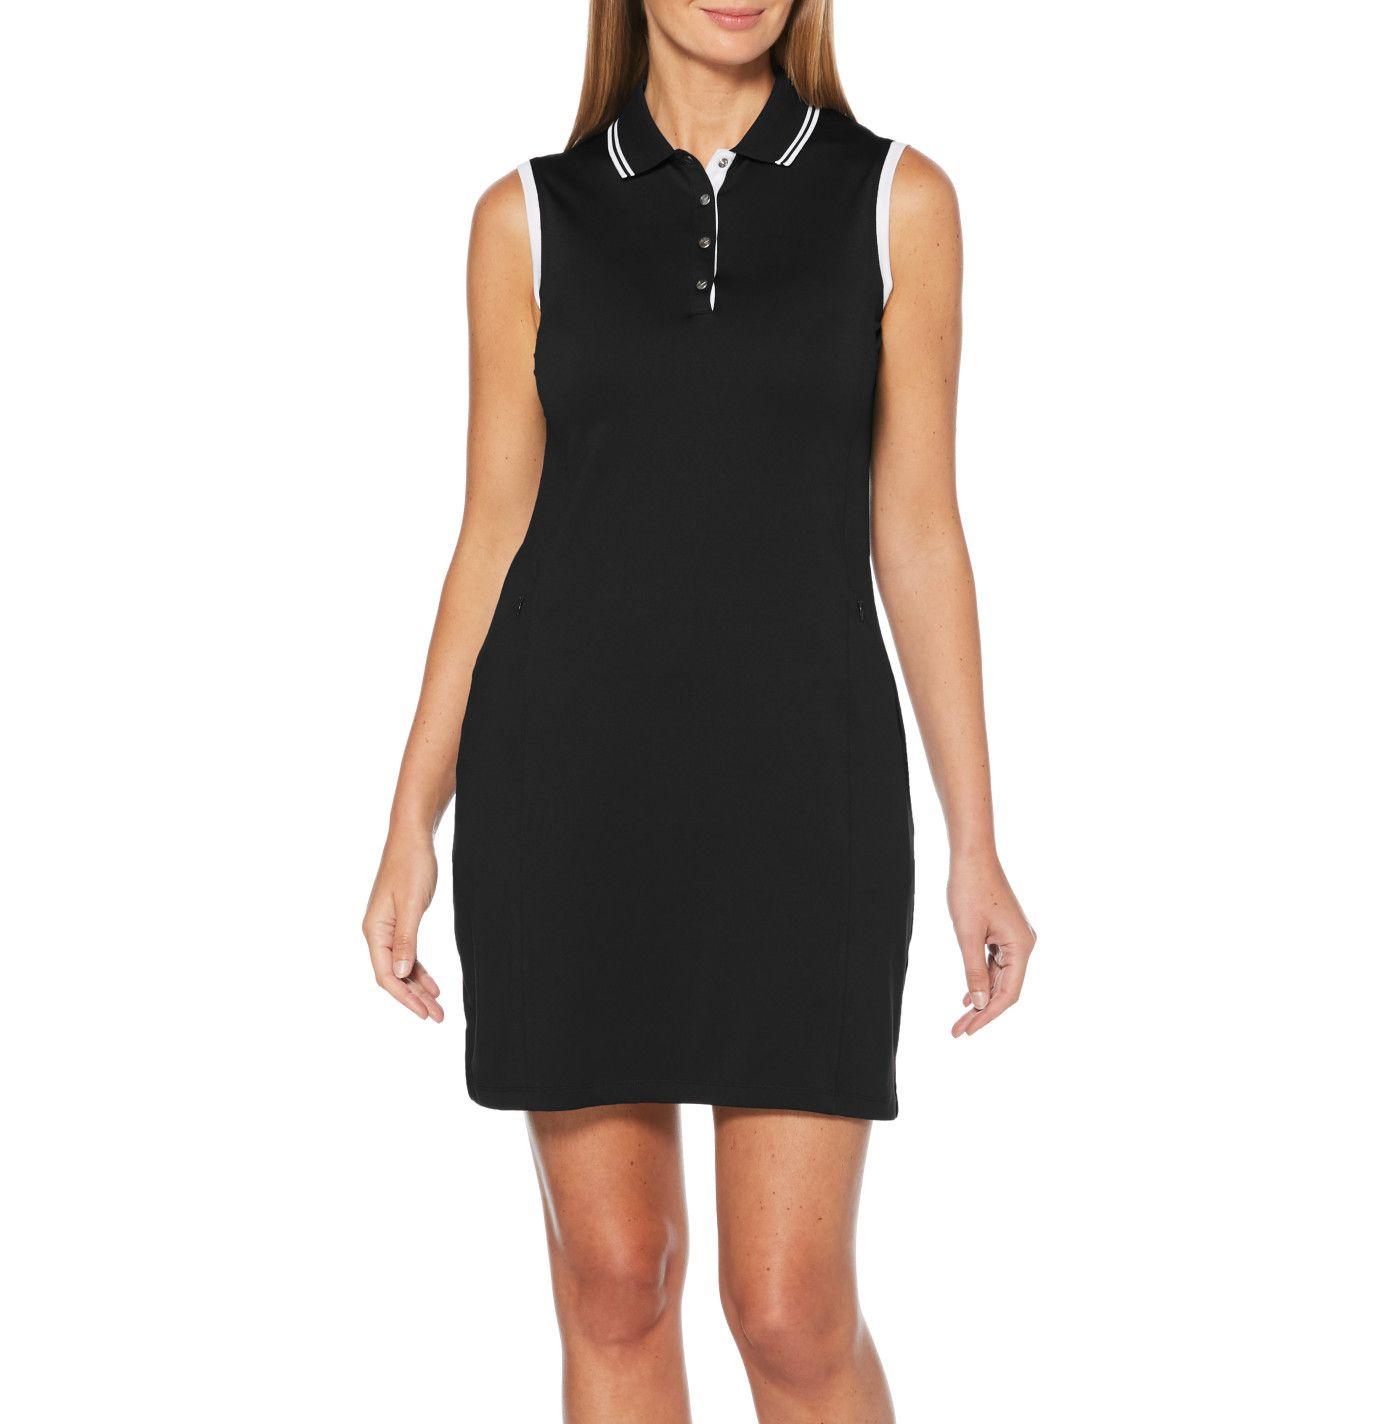 Callaway Women's Solid Sleeveless Golf Dress